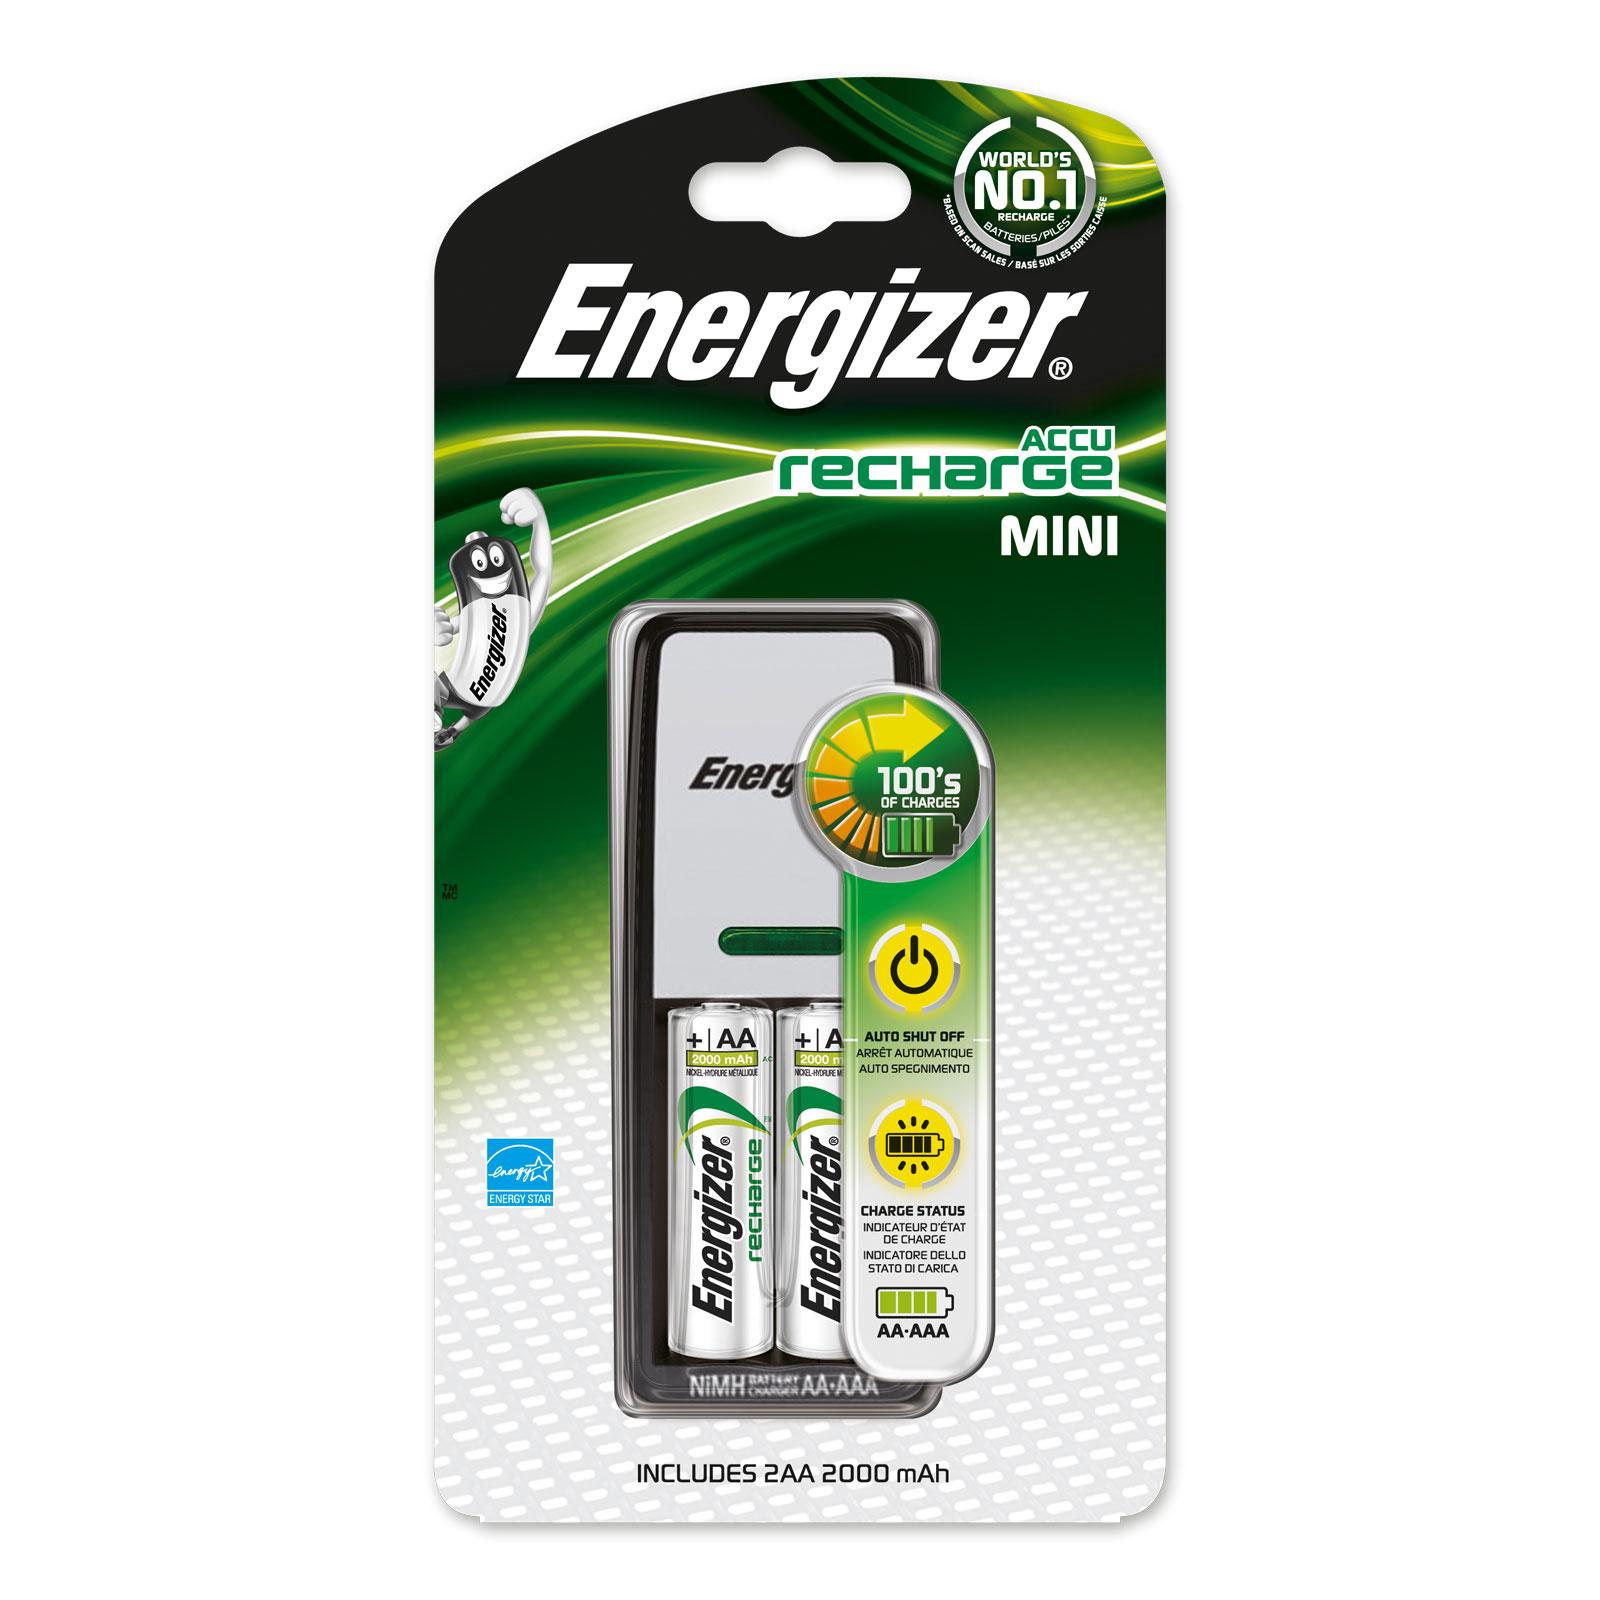 energizer accu recharge mini pile chargeur energizer sur. Black Bedroom Furniture Sets. Home Design Ideas